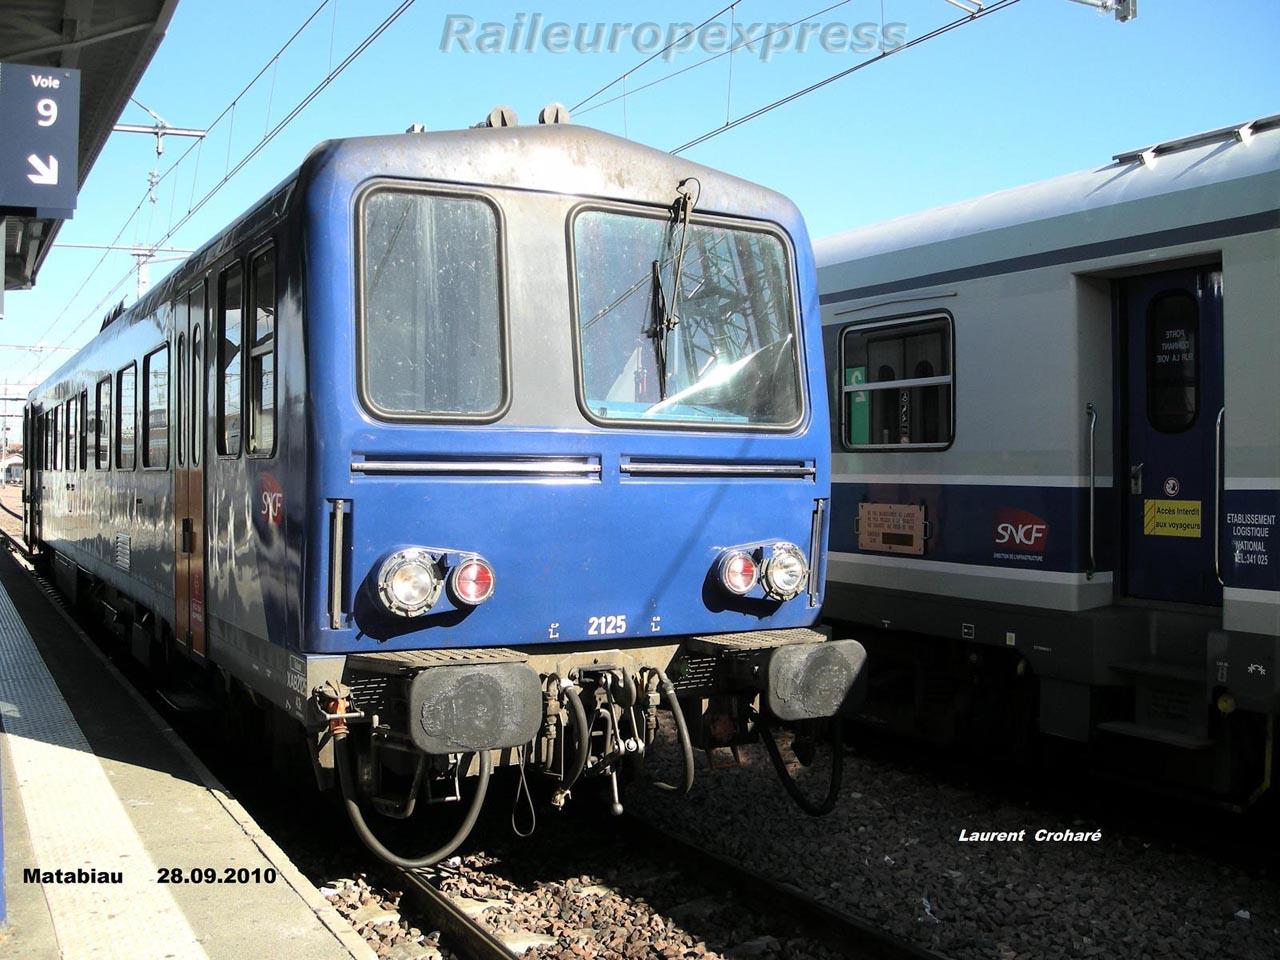 X 2125 à Toulouse